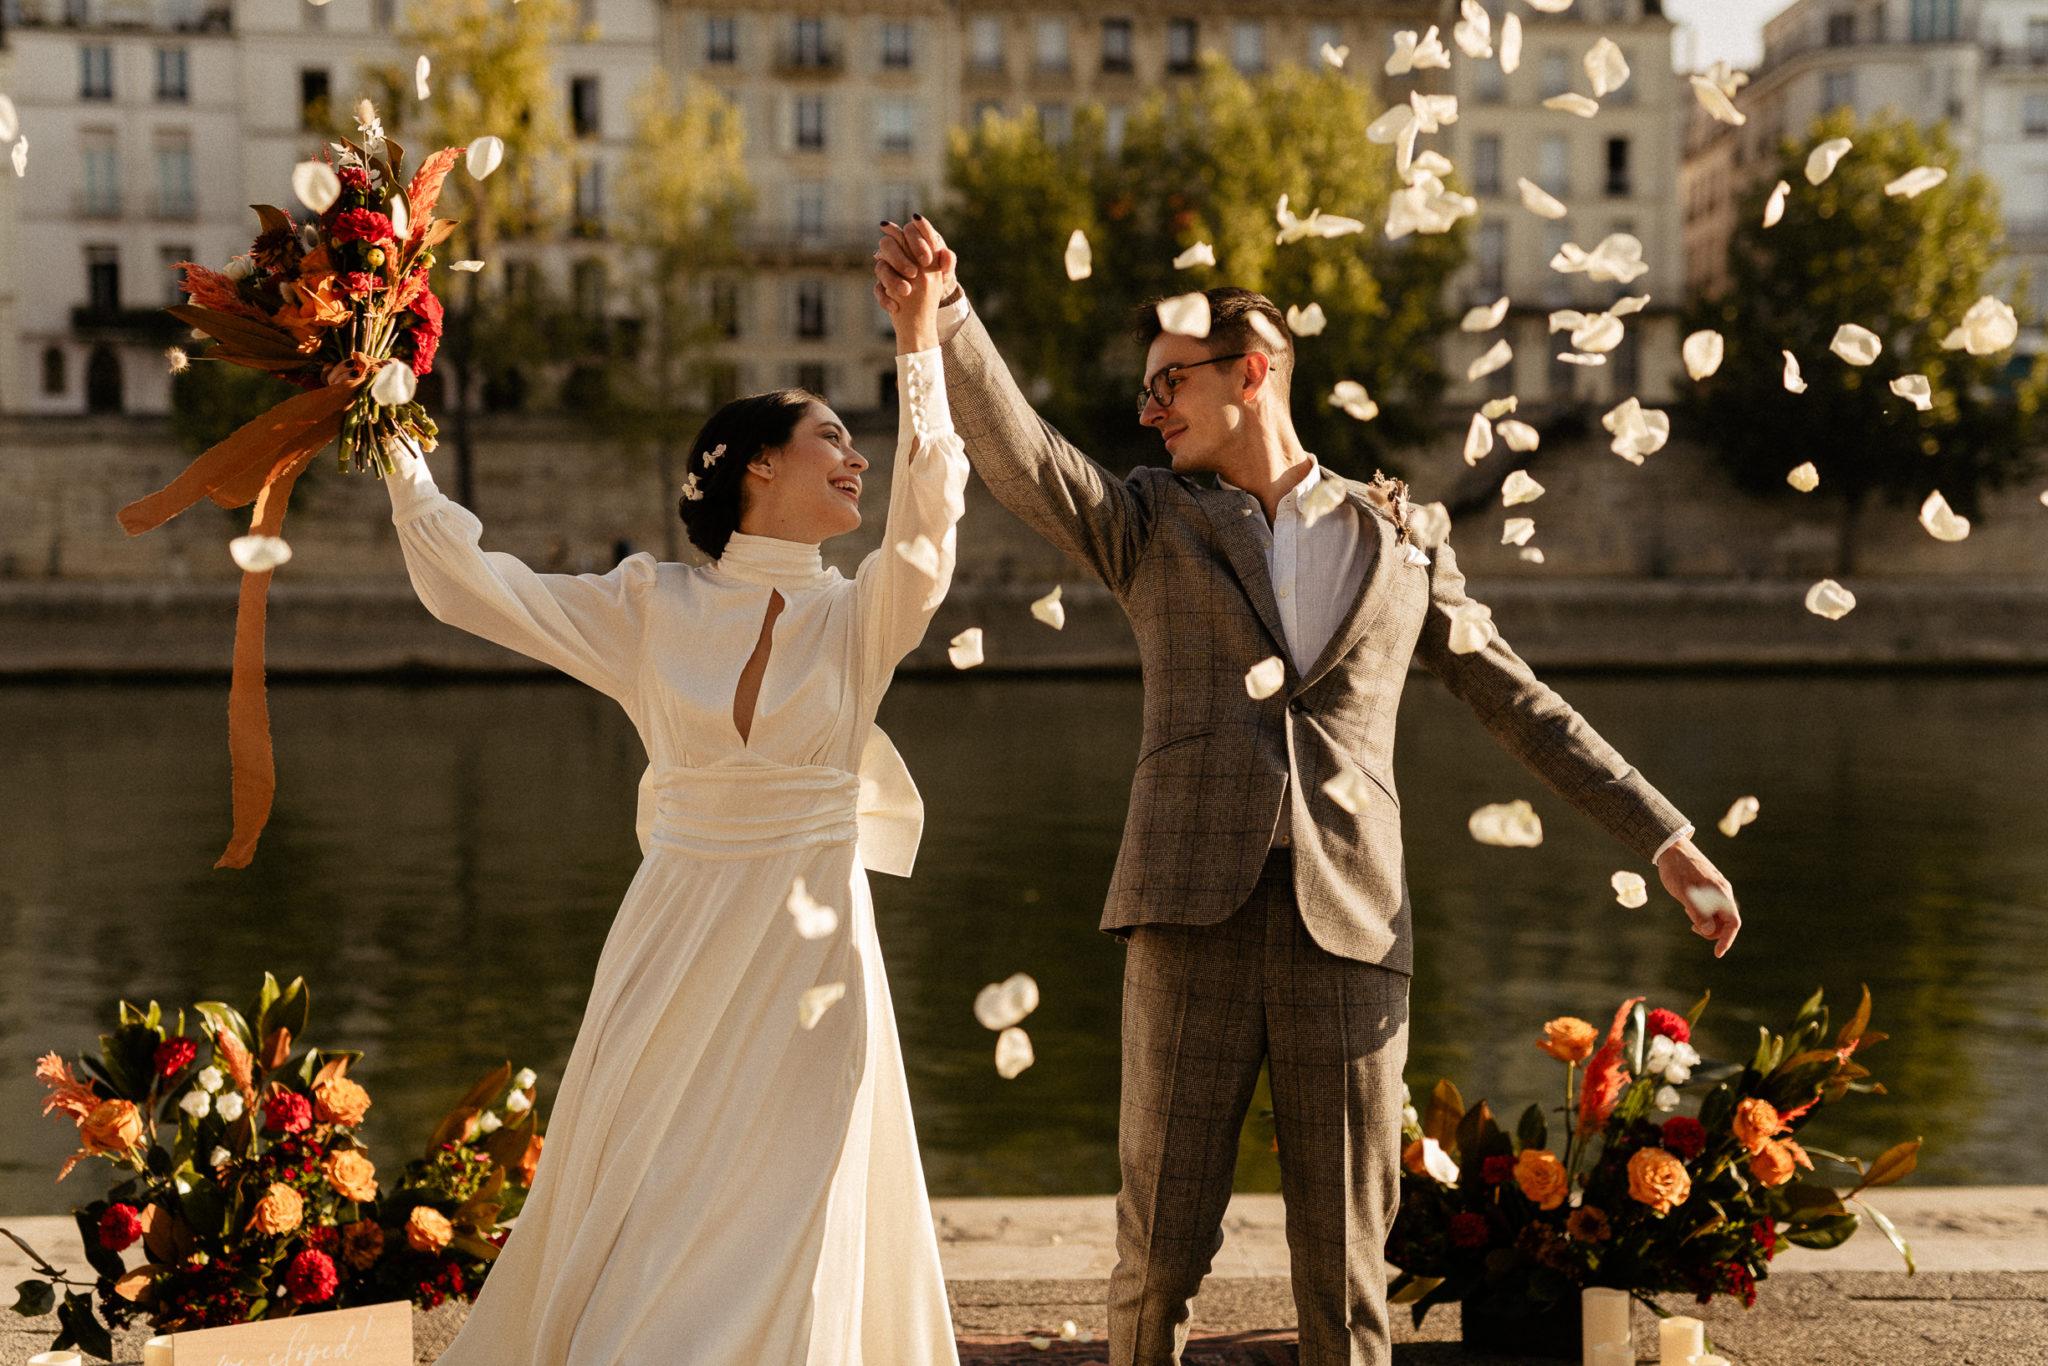 paris elopement wedding exit confetti flower petals